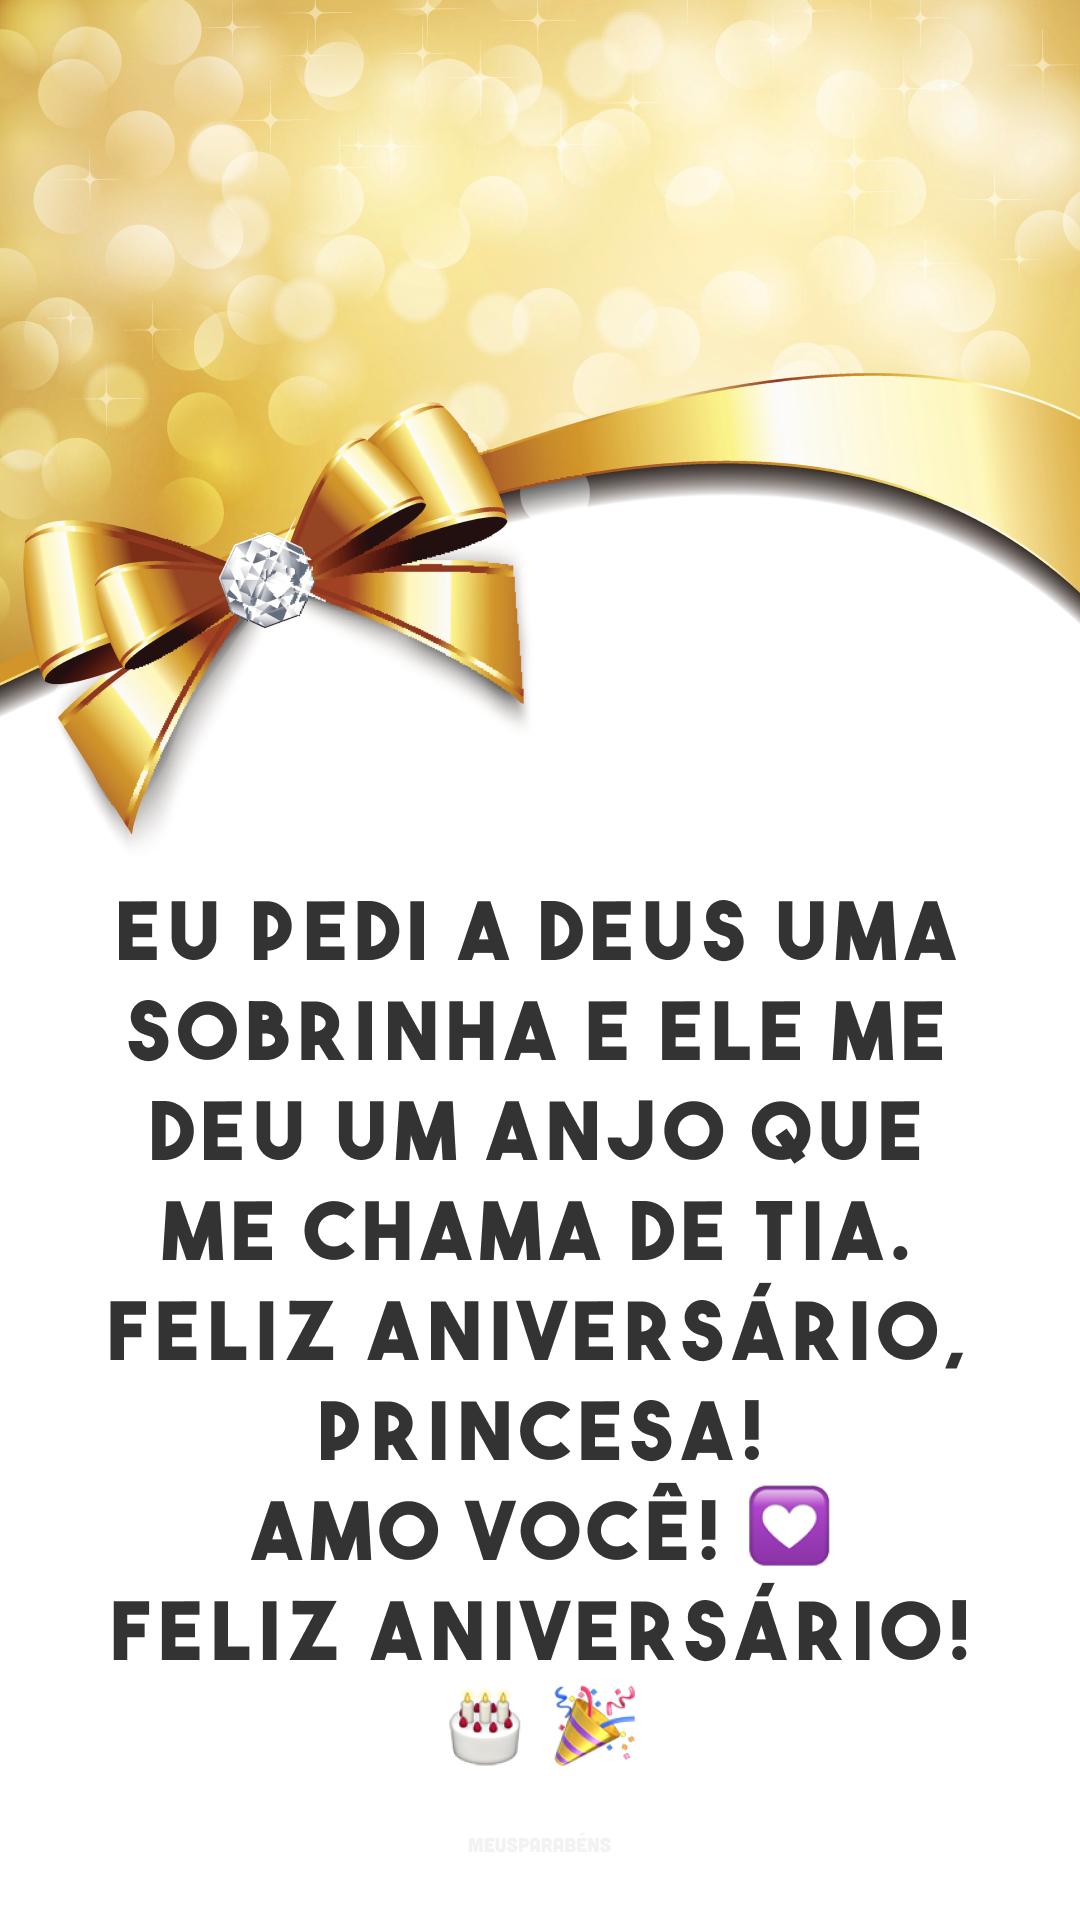 Eu pedi a Deus uma sobrinha e ele me deu um anjo que me chama de tia. Feliz aniversário, princesa! Amo você! 💟